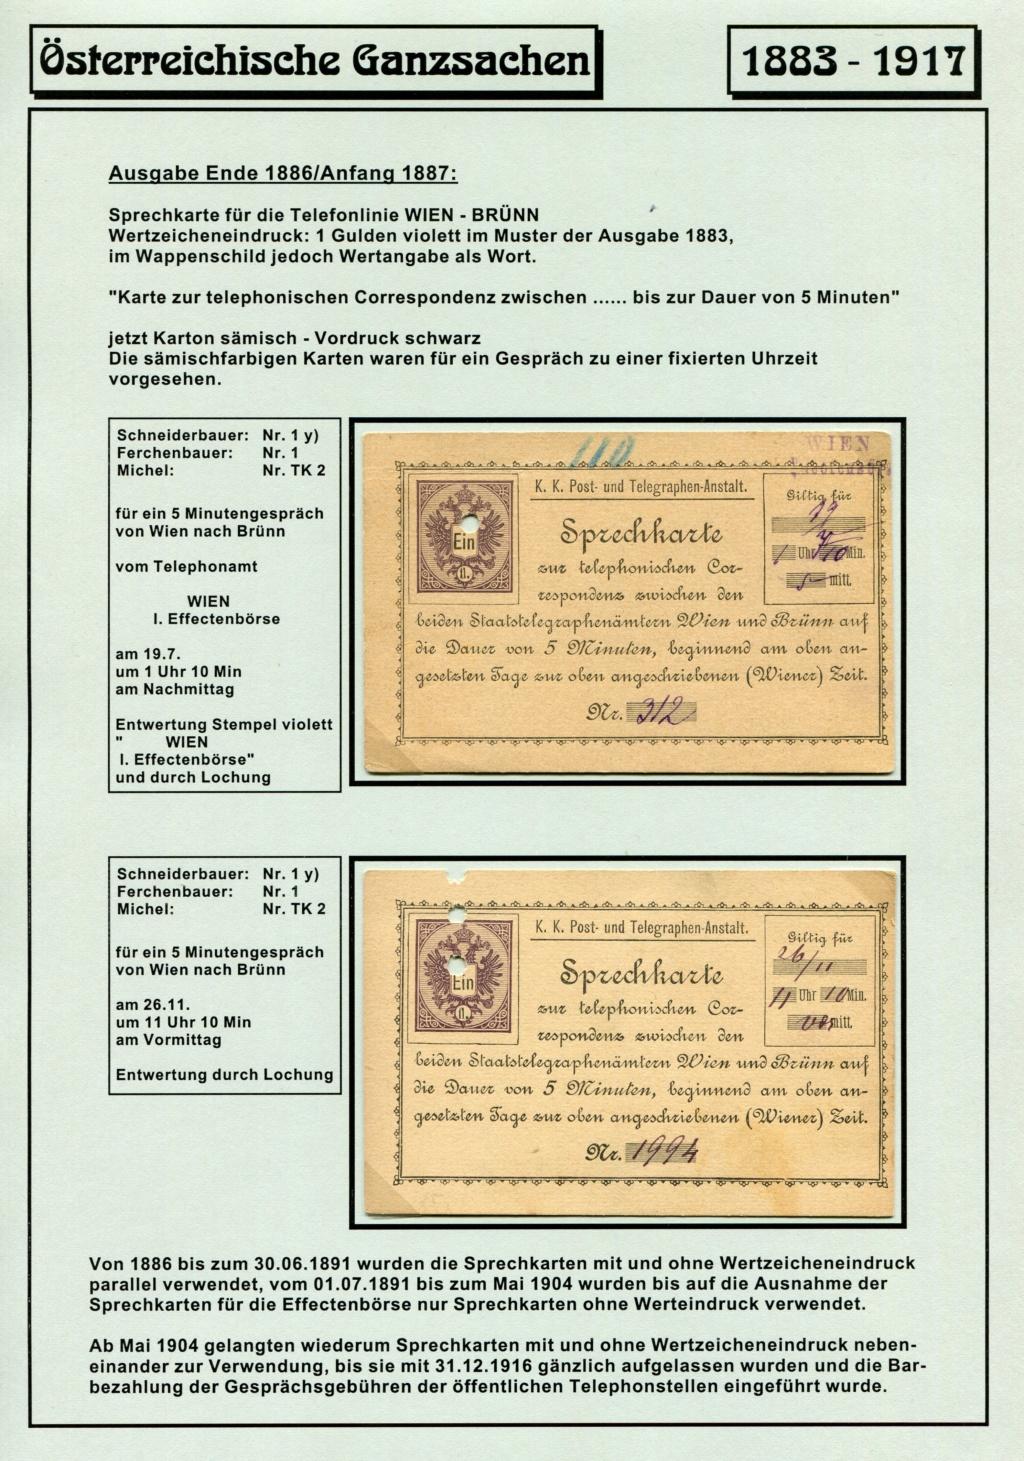 Österreichische Telephon-Sprechkarten - 1883 - 1917 Tel_ka19